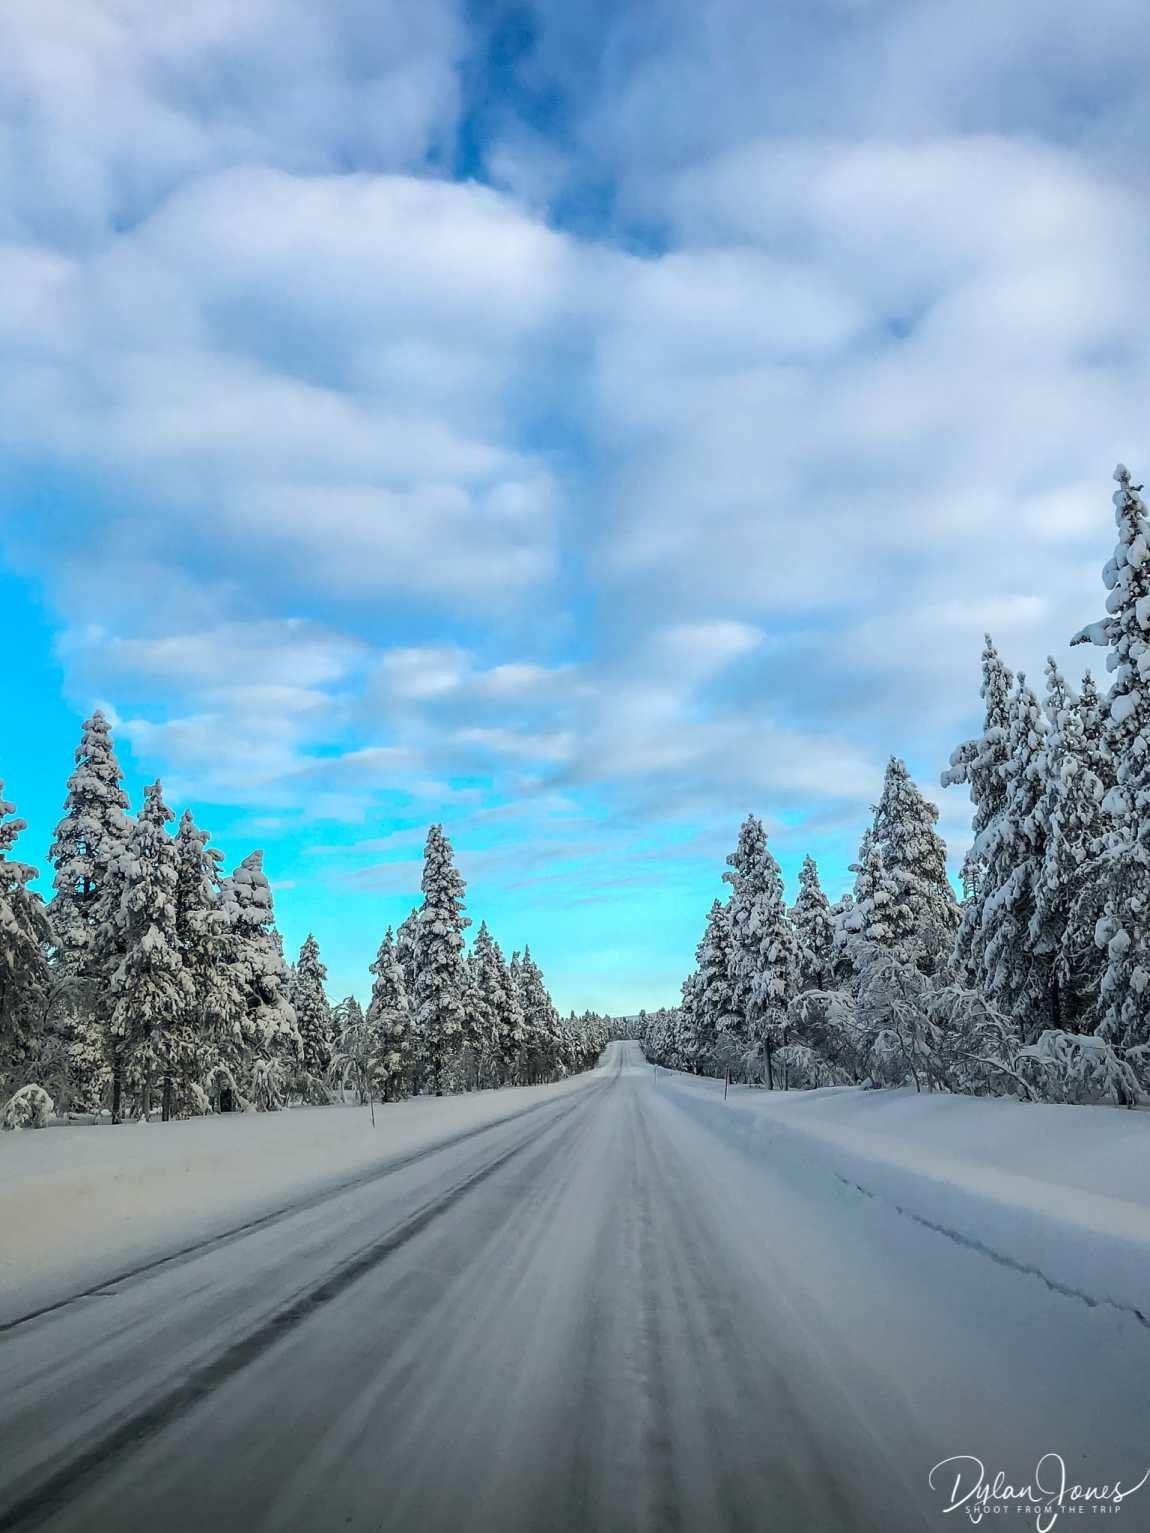 The snowy road to Kiilopää